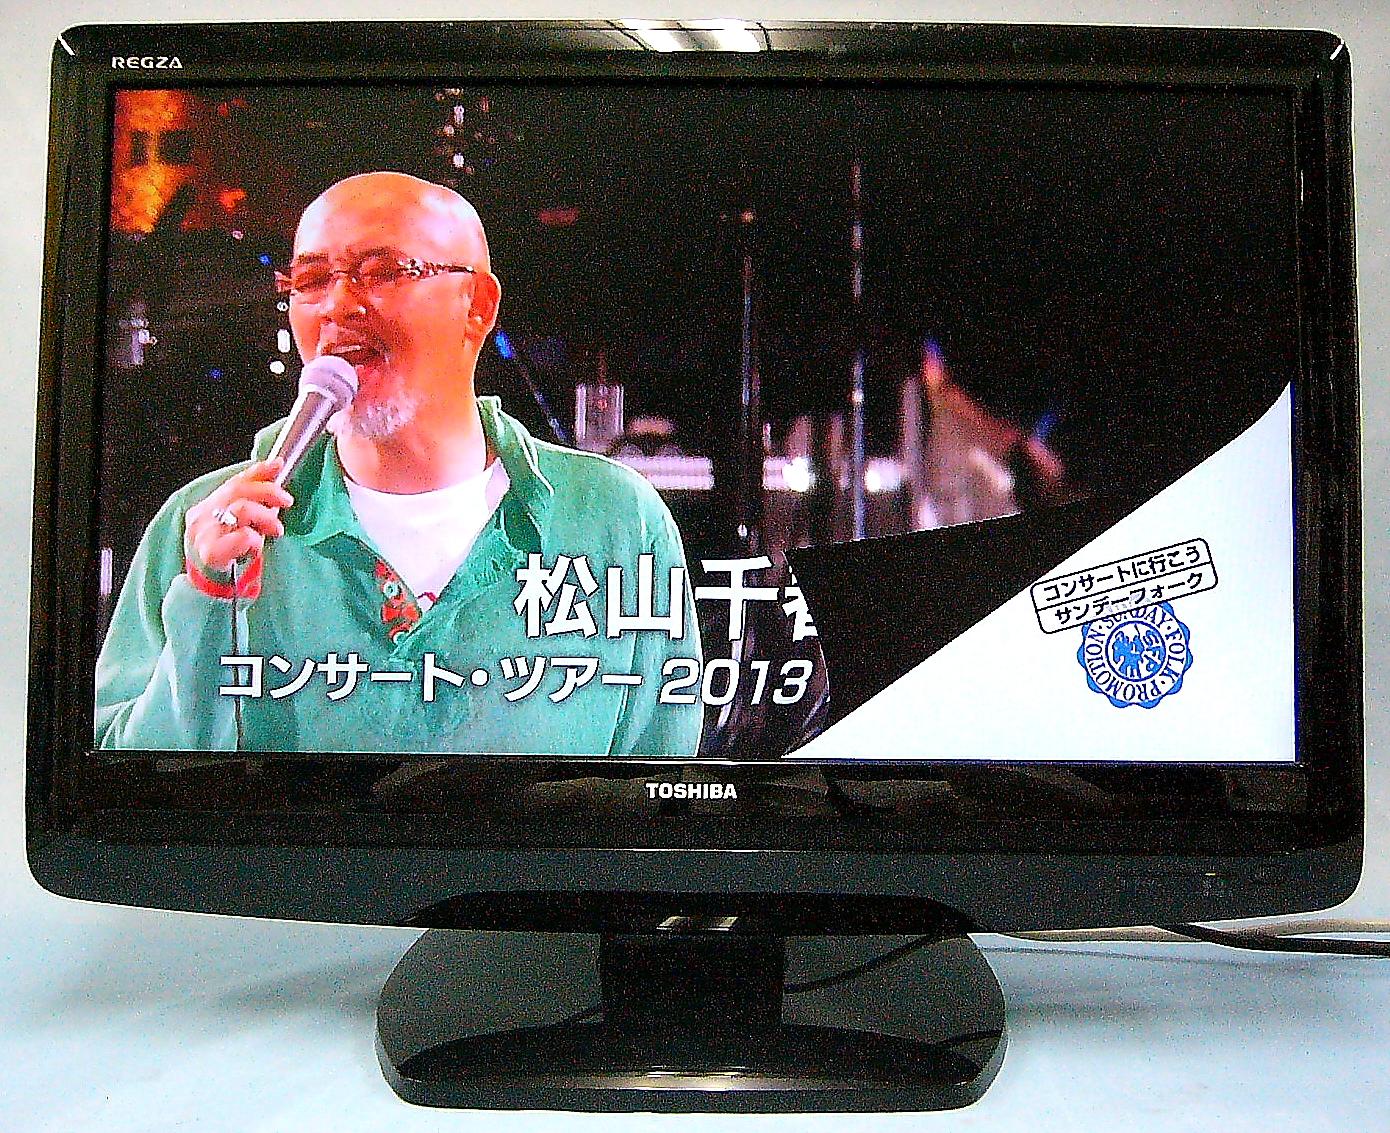 TOSHIBA 液晶テレビ 22AV550